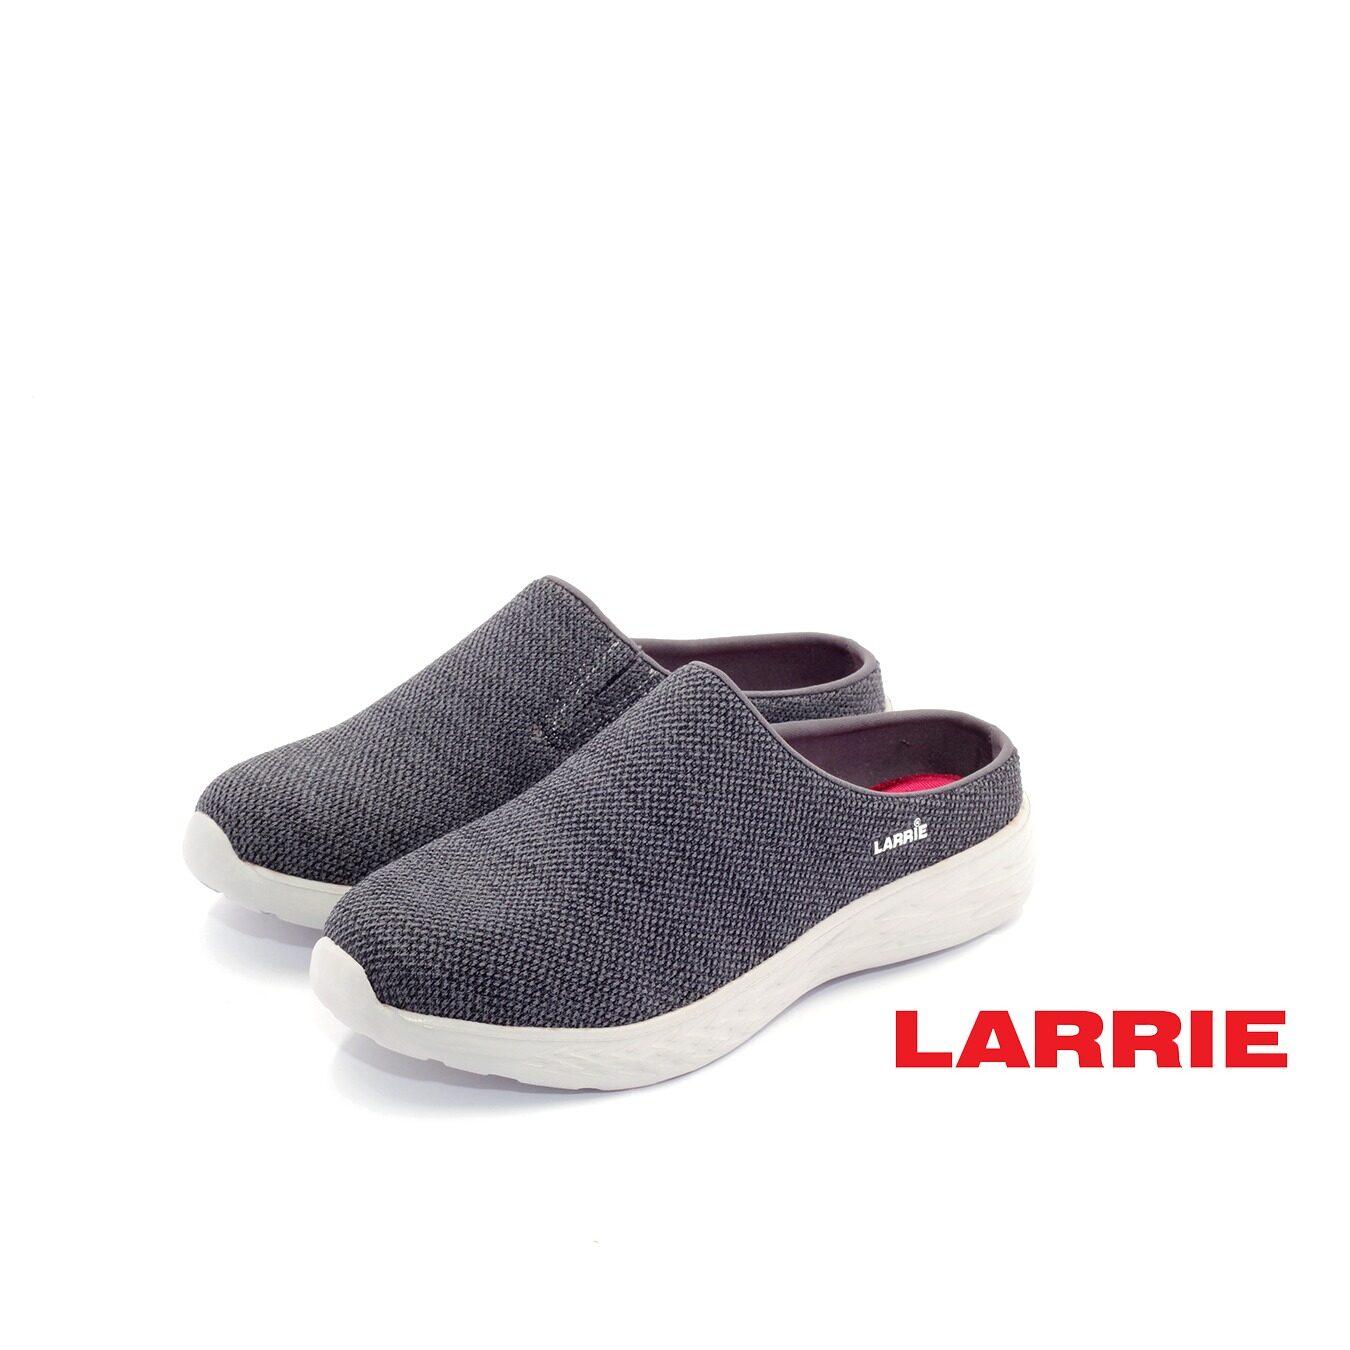 LARRIE Kasut Perempuan Slip On Light Weight Sporty Sneakers Women - L62001-AN01SV